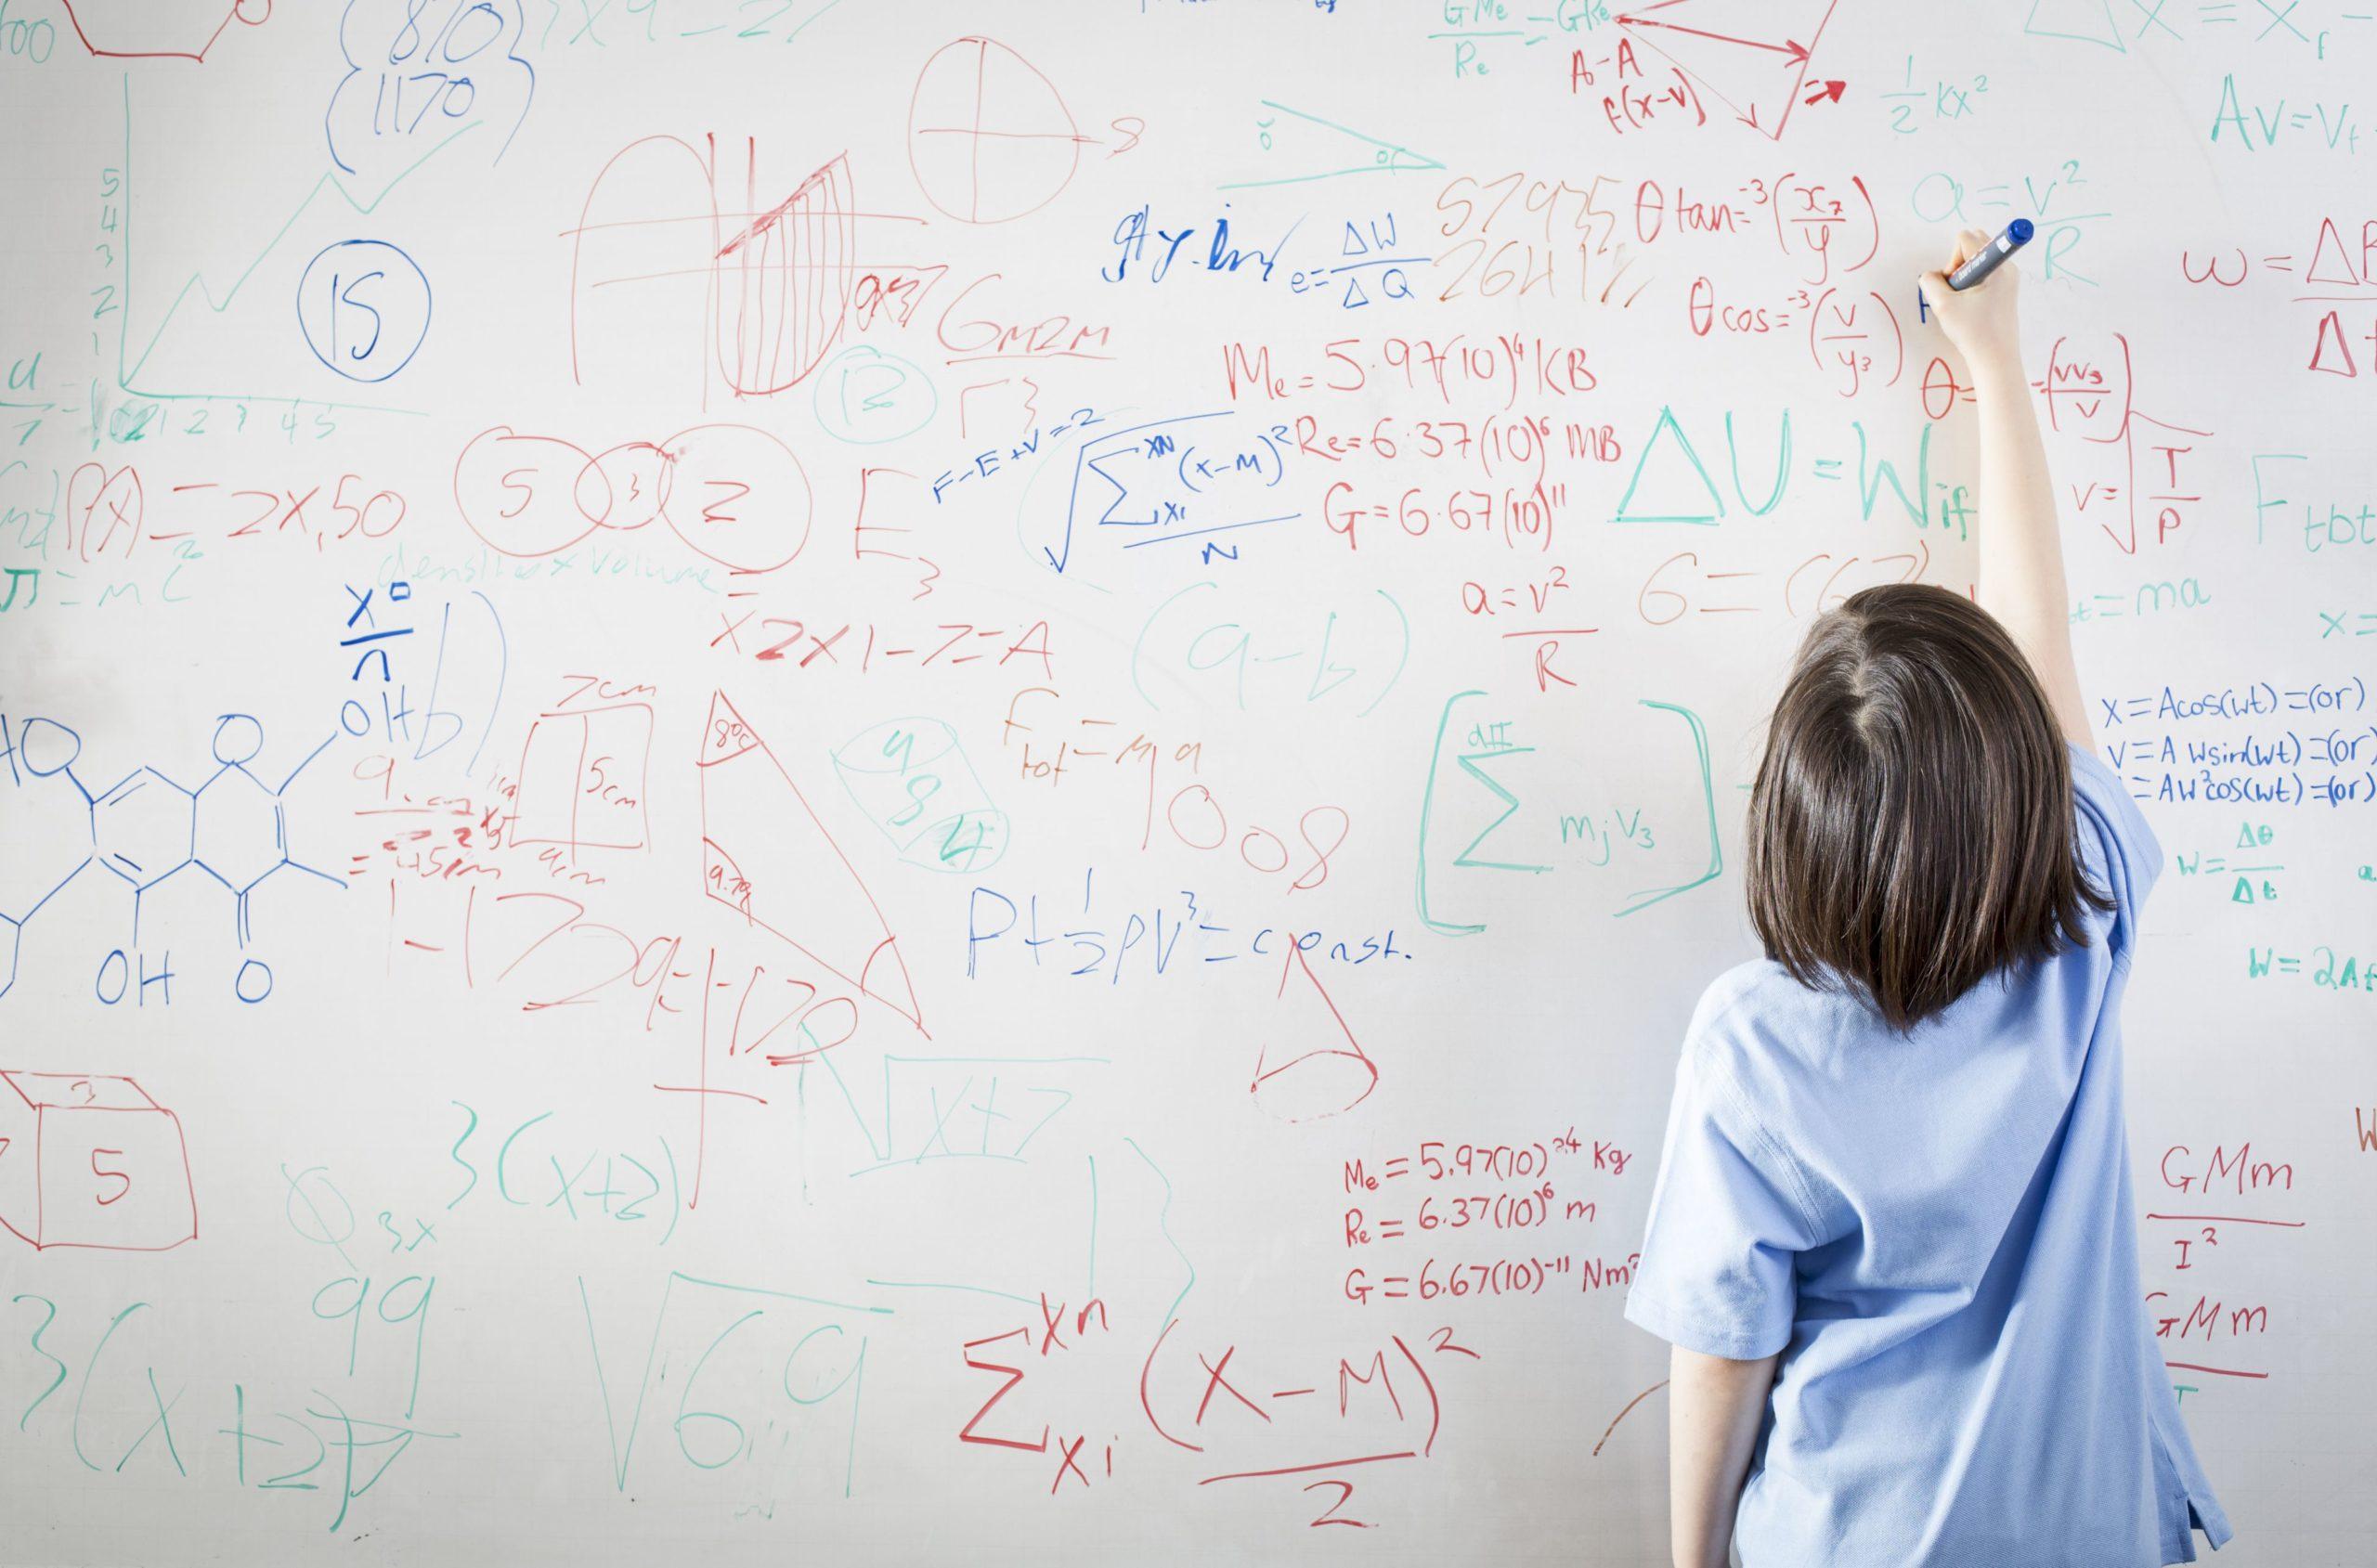 هل يعد الذكاء العالي معيارًا للنجاح؟ - هل هناك دليل على وجود تأثير حقيقي للذكاء على نجاح الفرد سواء أكان اقتصاديًا أم أكاديميًا أم مبدعًا؟ - اختبارات الذكاء